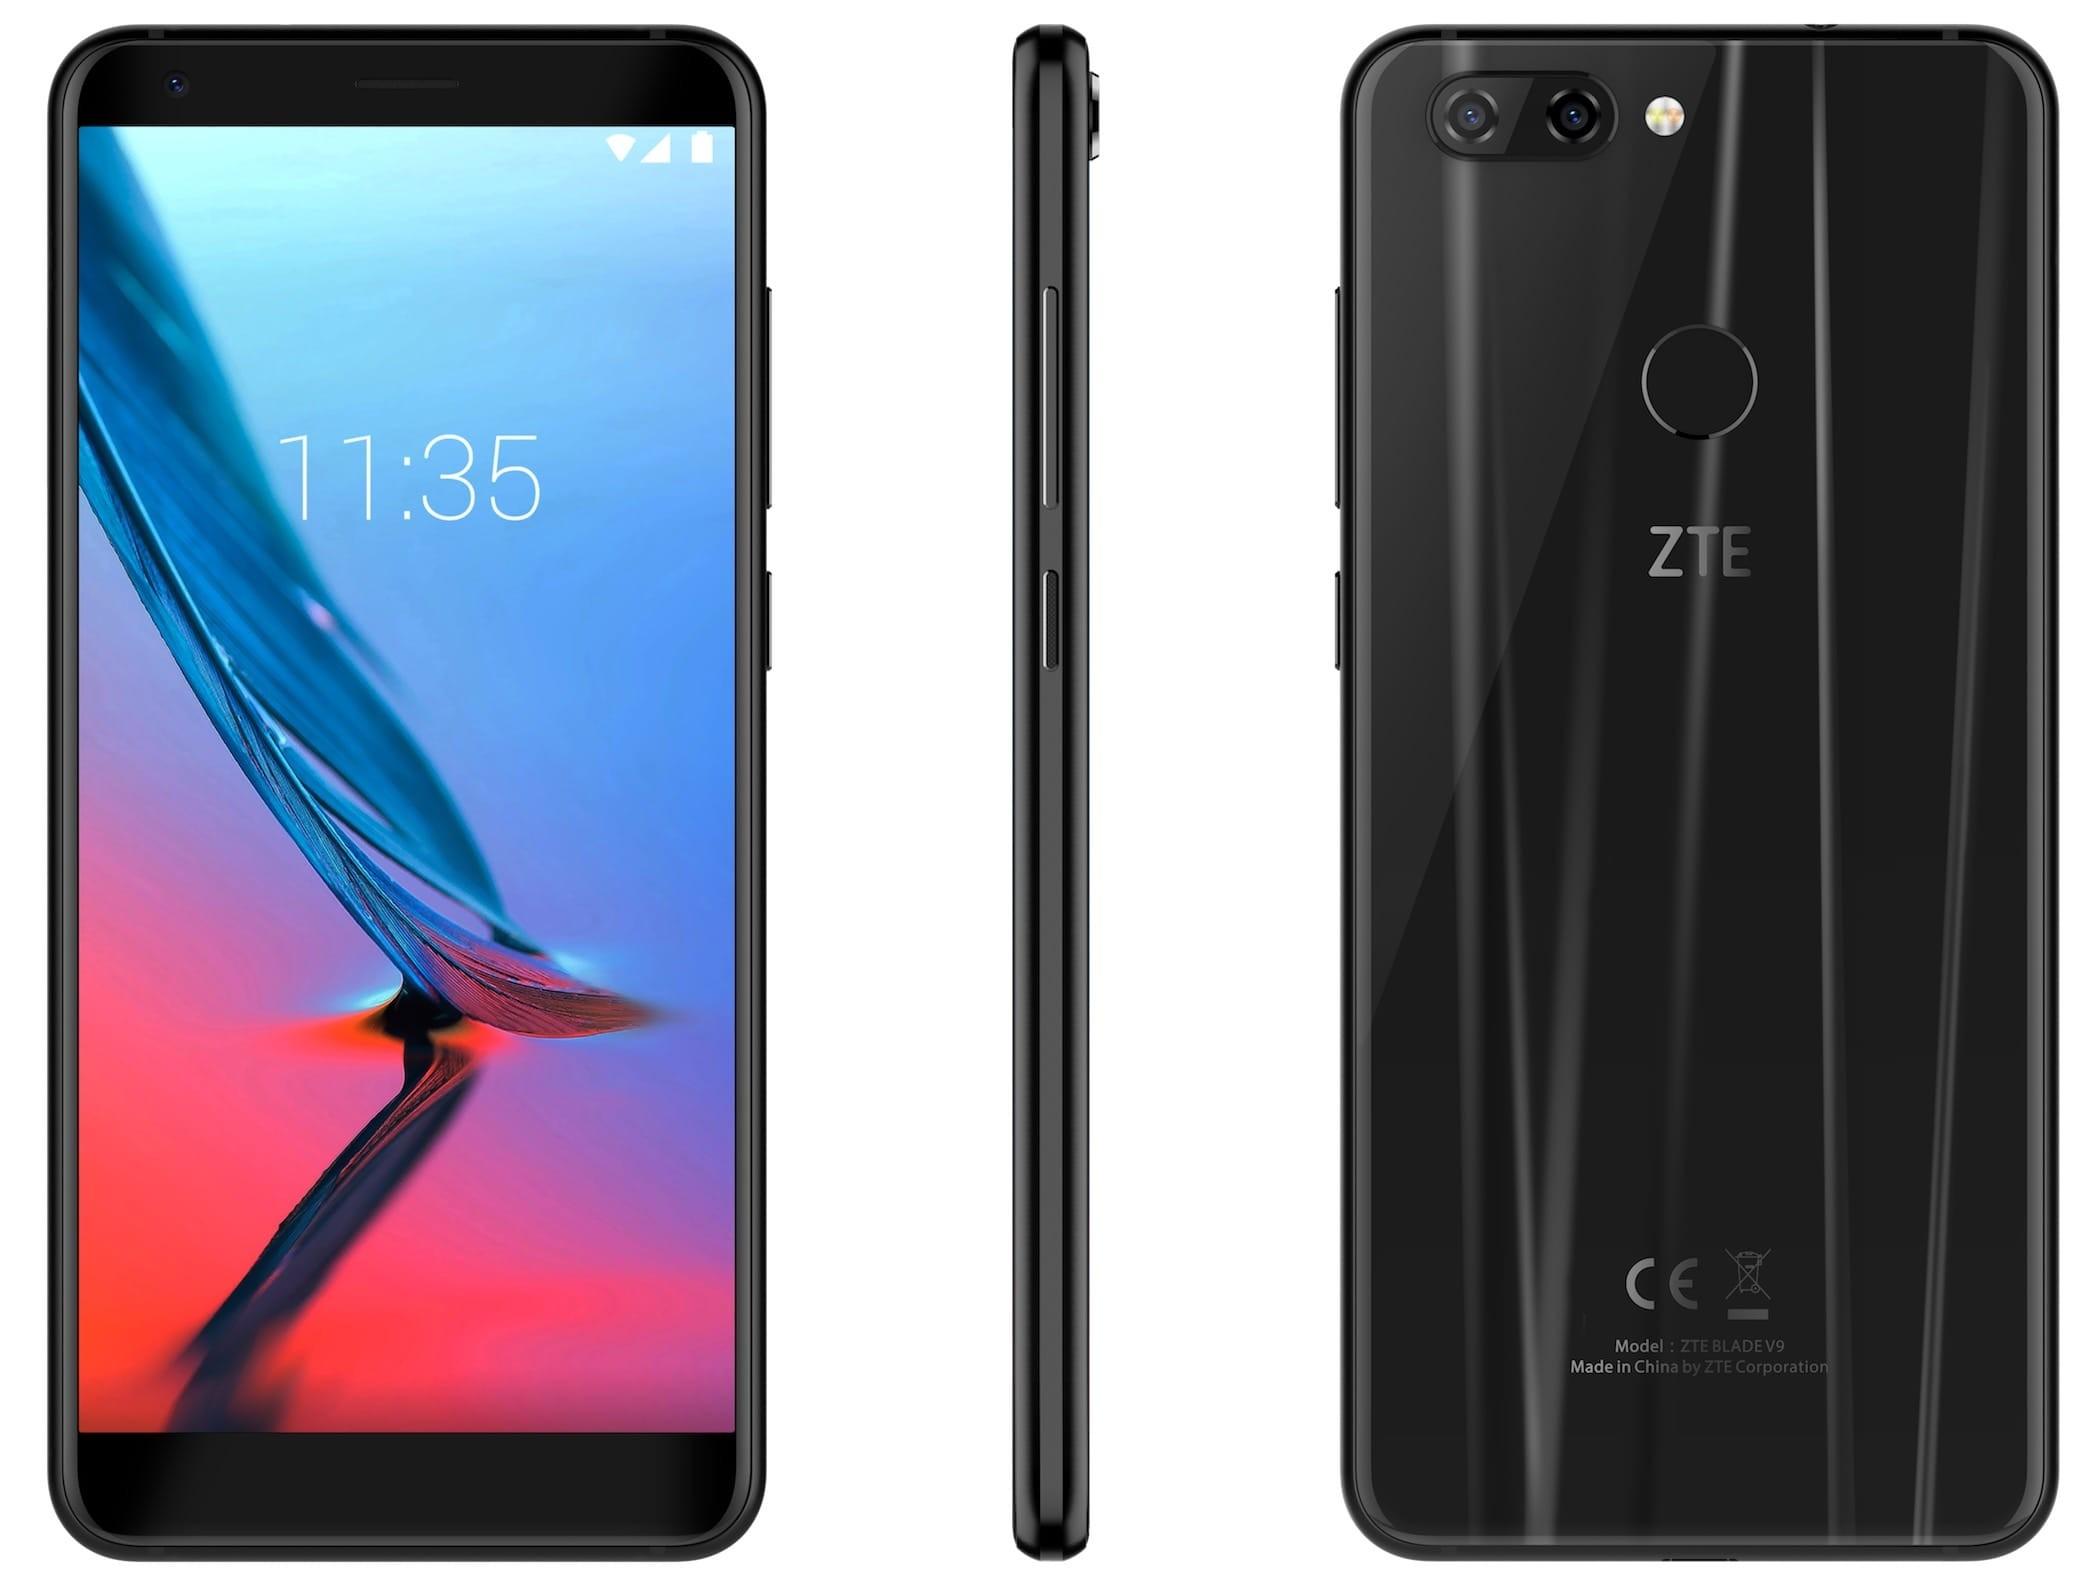 8ea8645eb94fd ZTE Blade V9 32GB – купить мобильный телефон, сравнение цен  интернет-магазинов: фото, характеристики, описание | E-Katalog